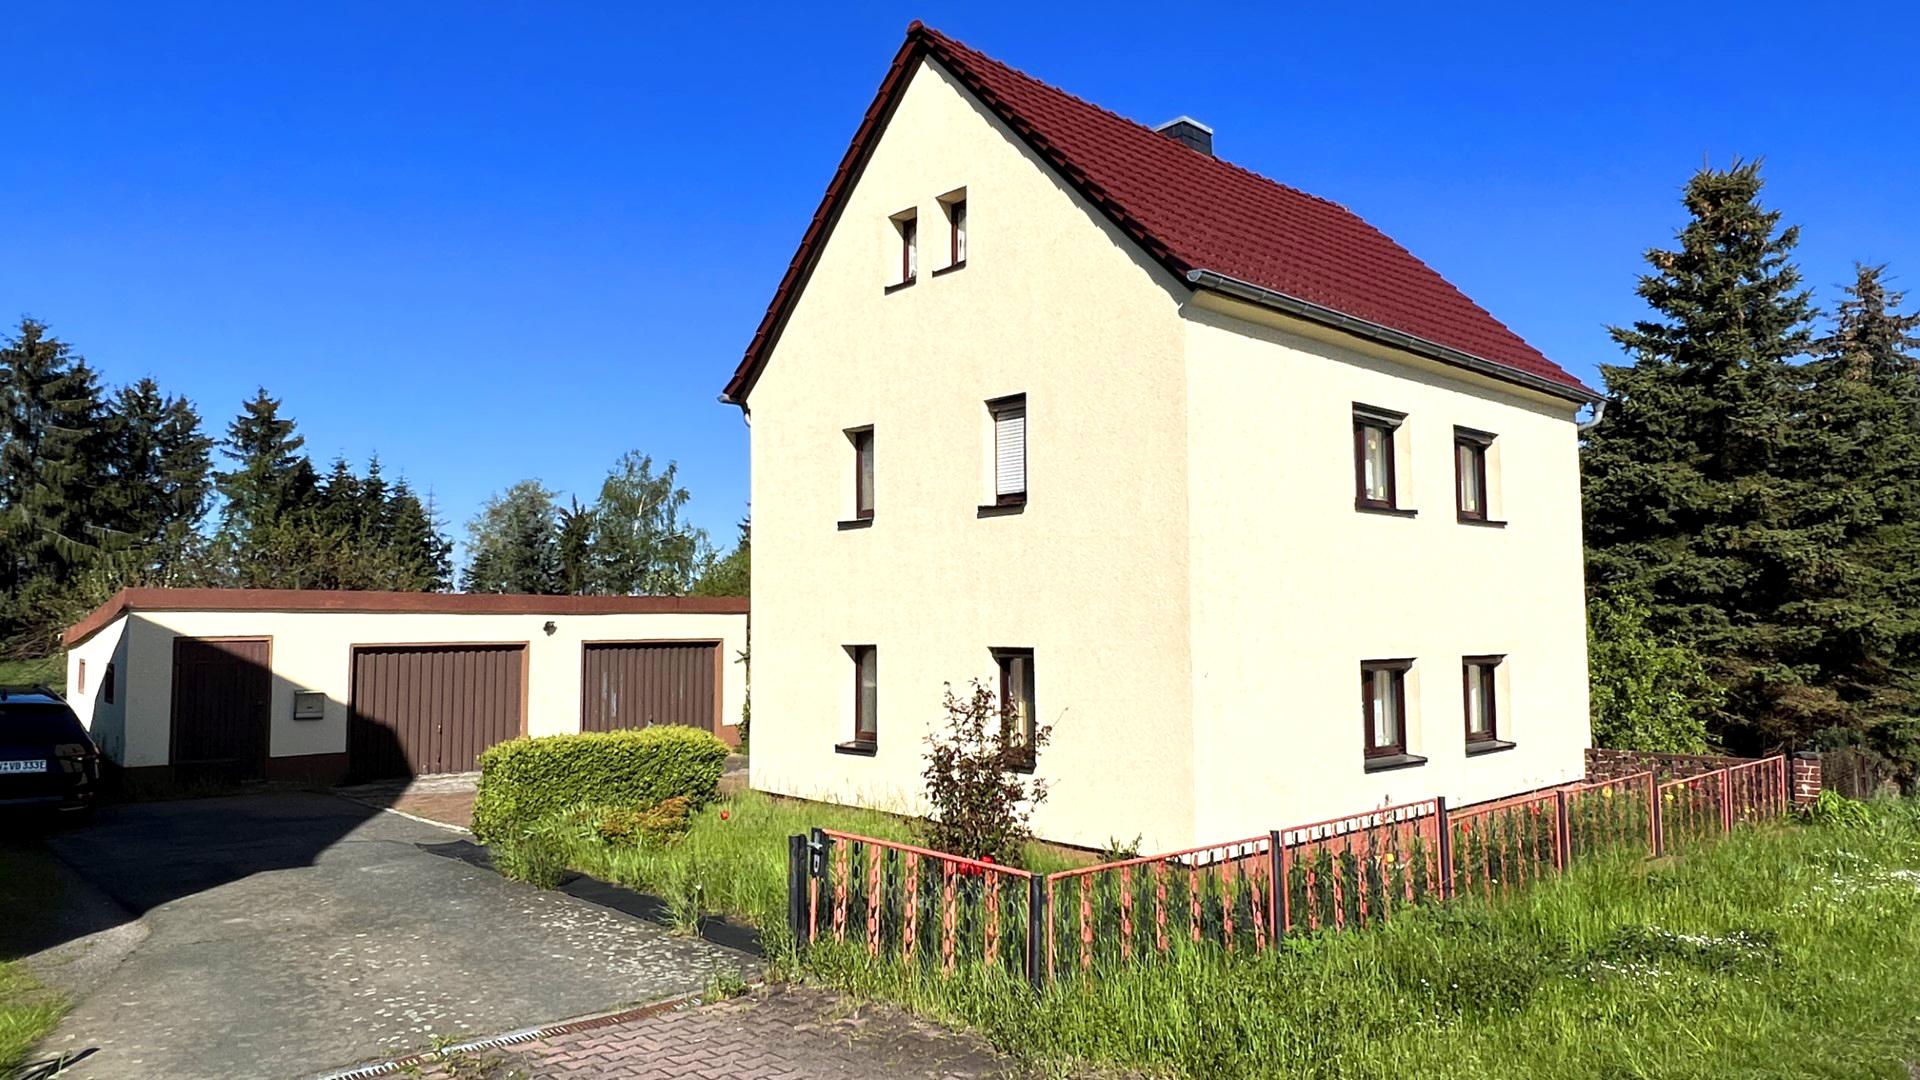 Immobilien Service GmbH der Volksbank Mittweida